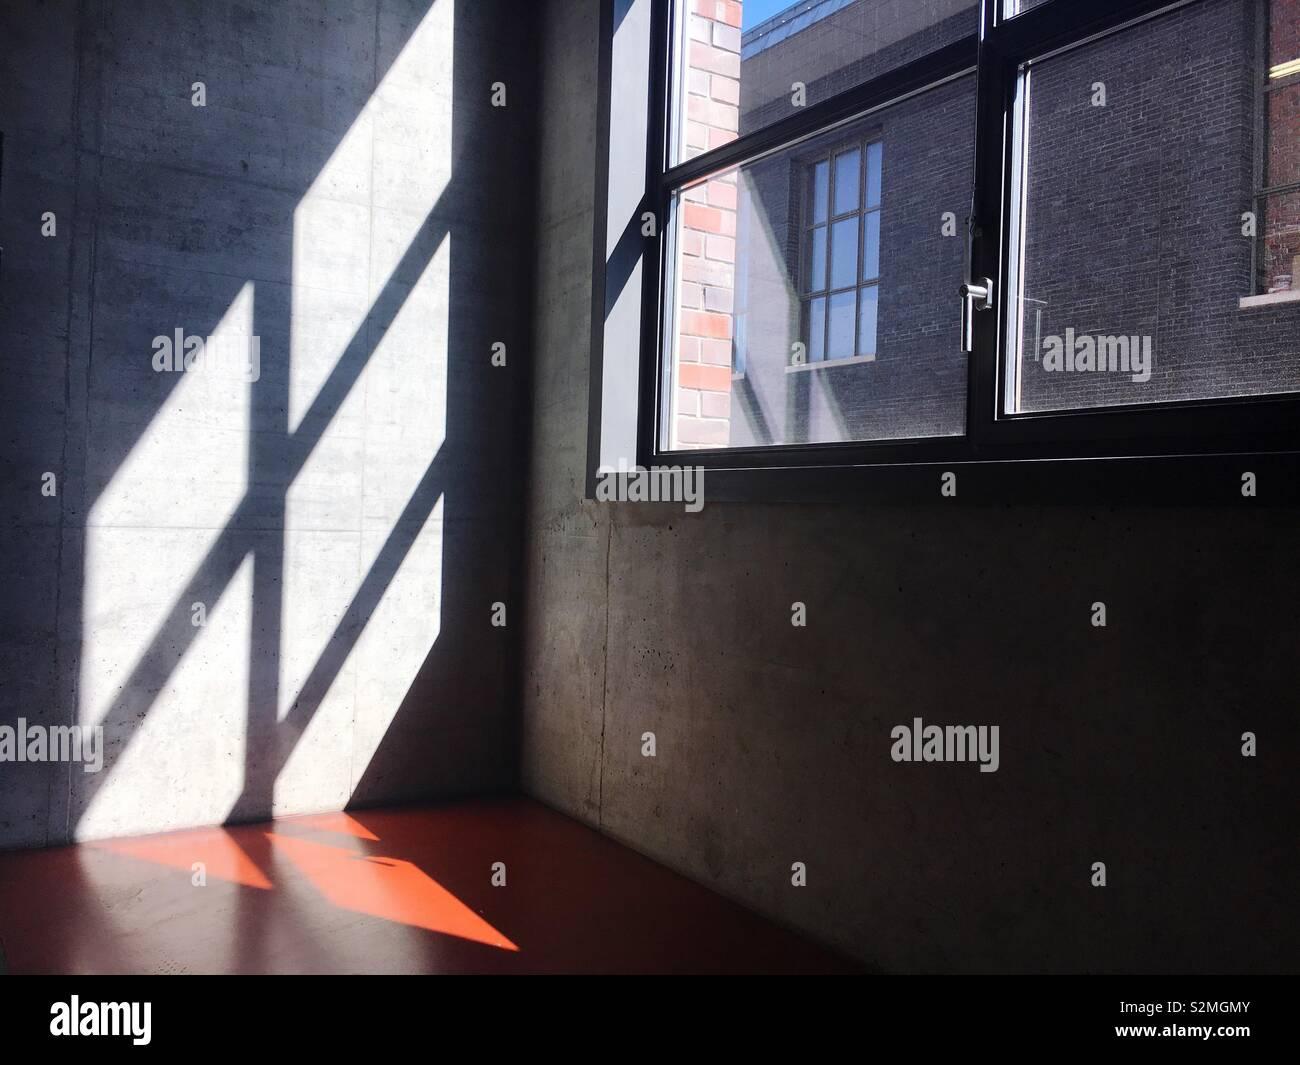 La luce del sole che splende attraverso una finestra su una parete di cemento Immagini Stock